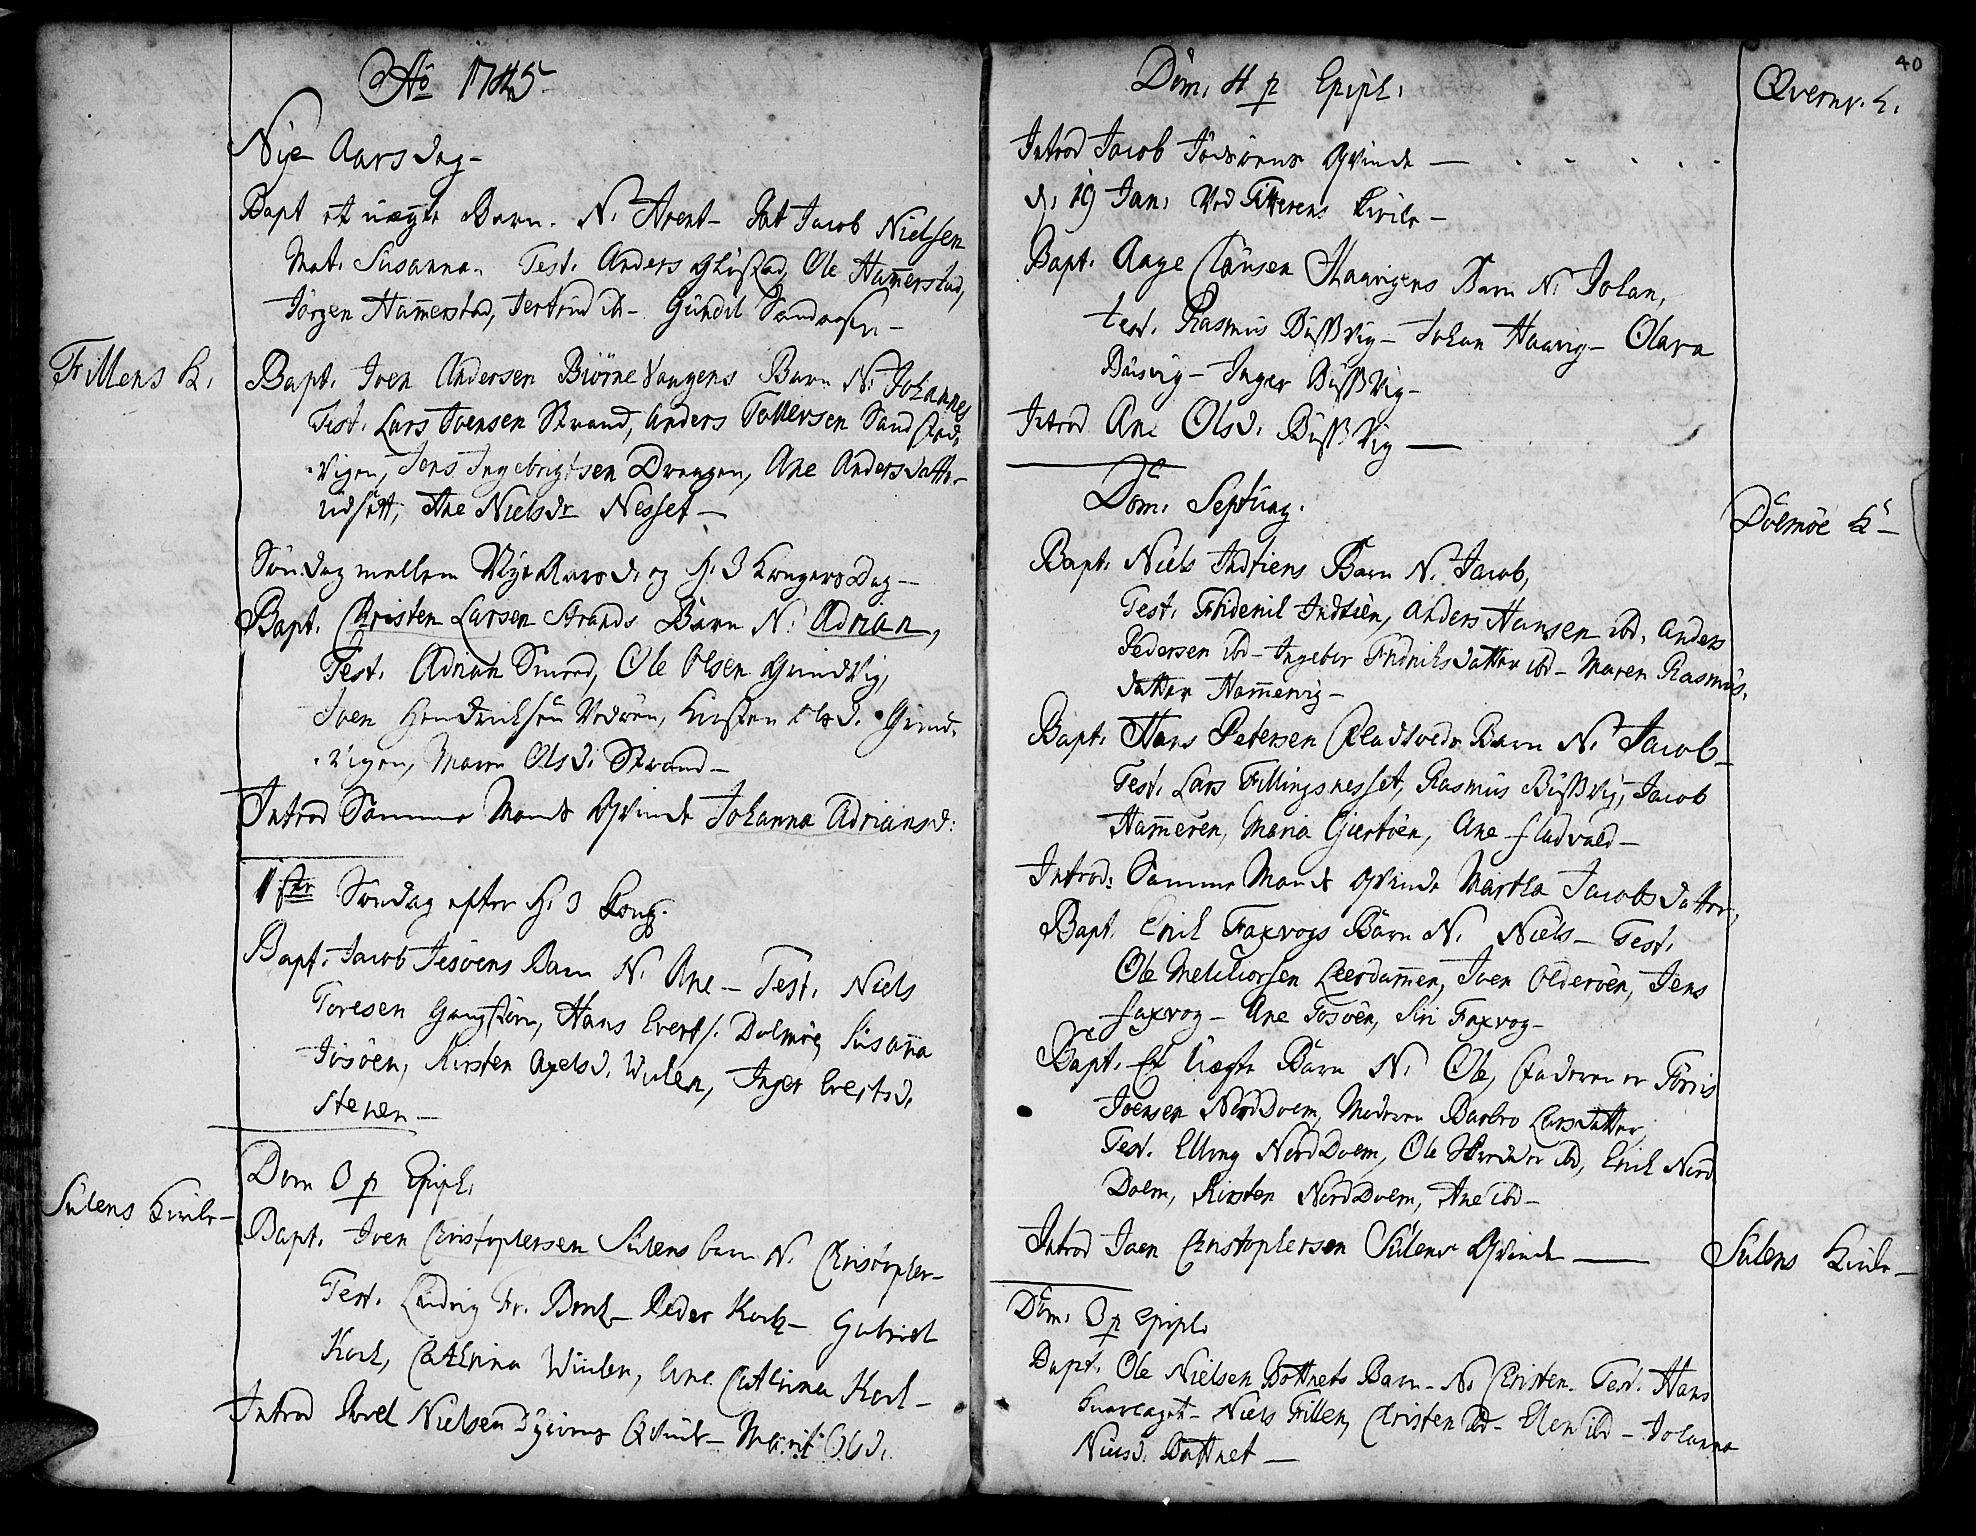 SAT, Ministerialprotokoller, klokkerbøker og fødselsregistre - Sør-Trøndelag, 634/L0525: Ministerialbok nr. 634A01, 1736-1775, s. 40